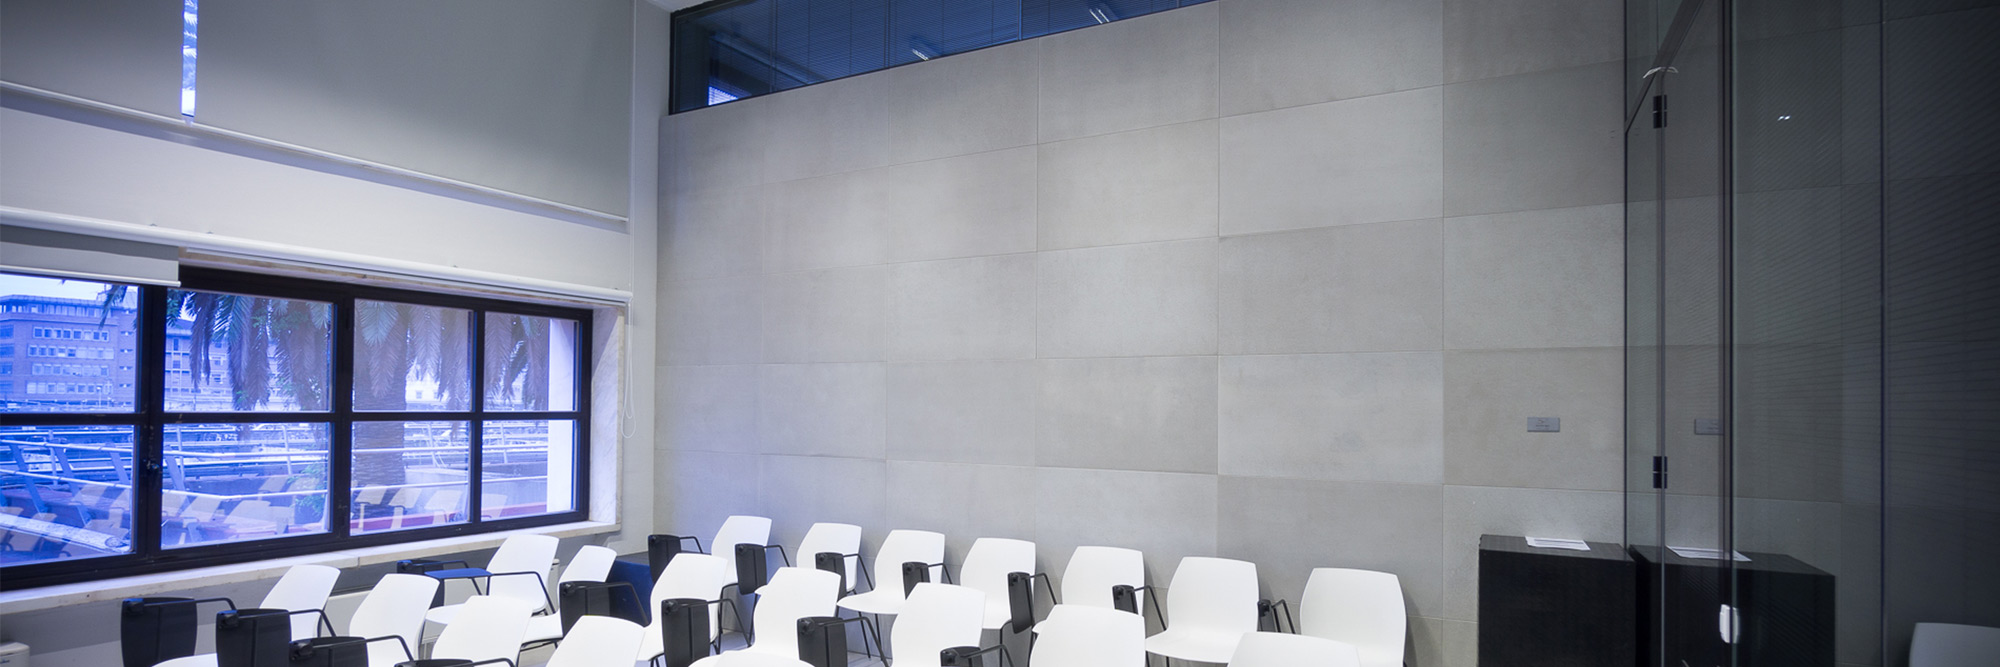 conclad-top-2000x667-parete-sedie.jpg